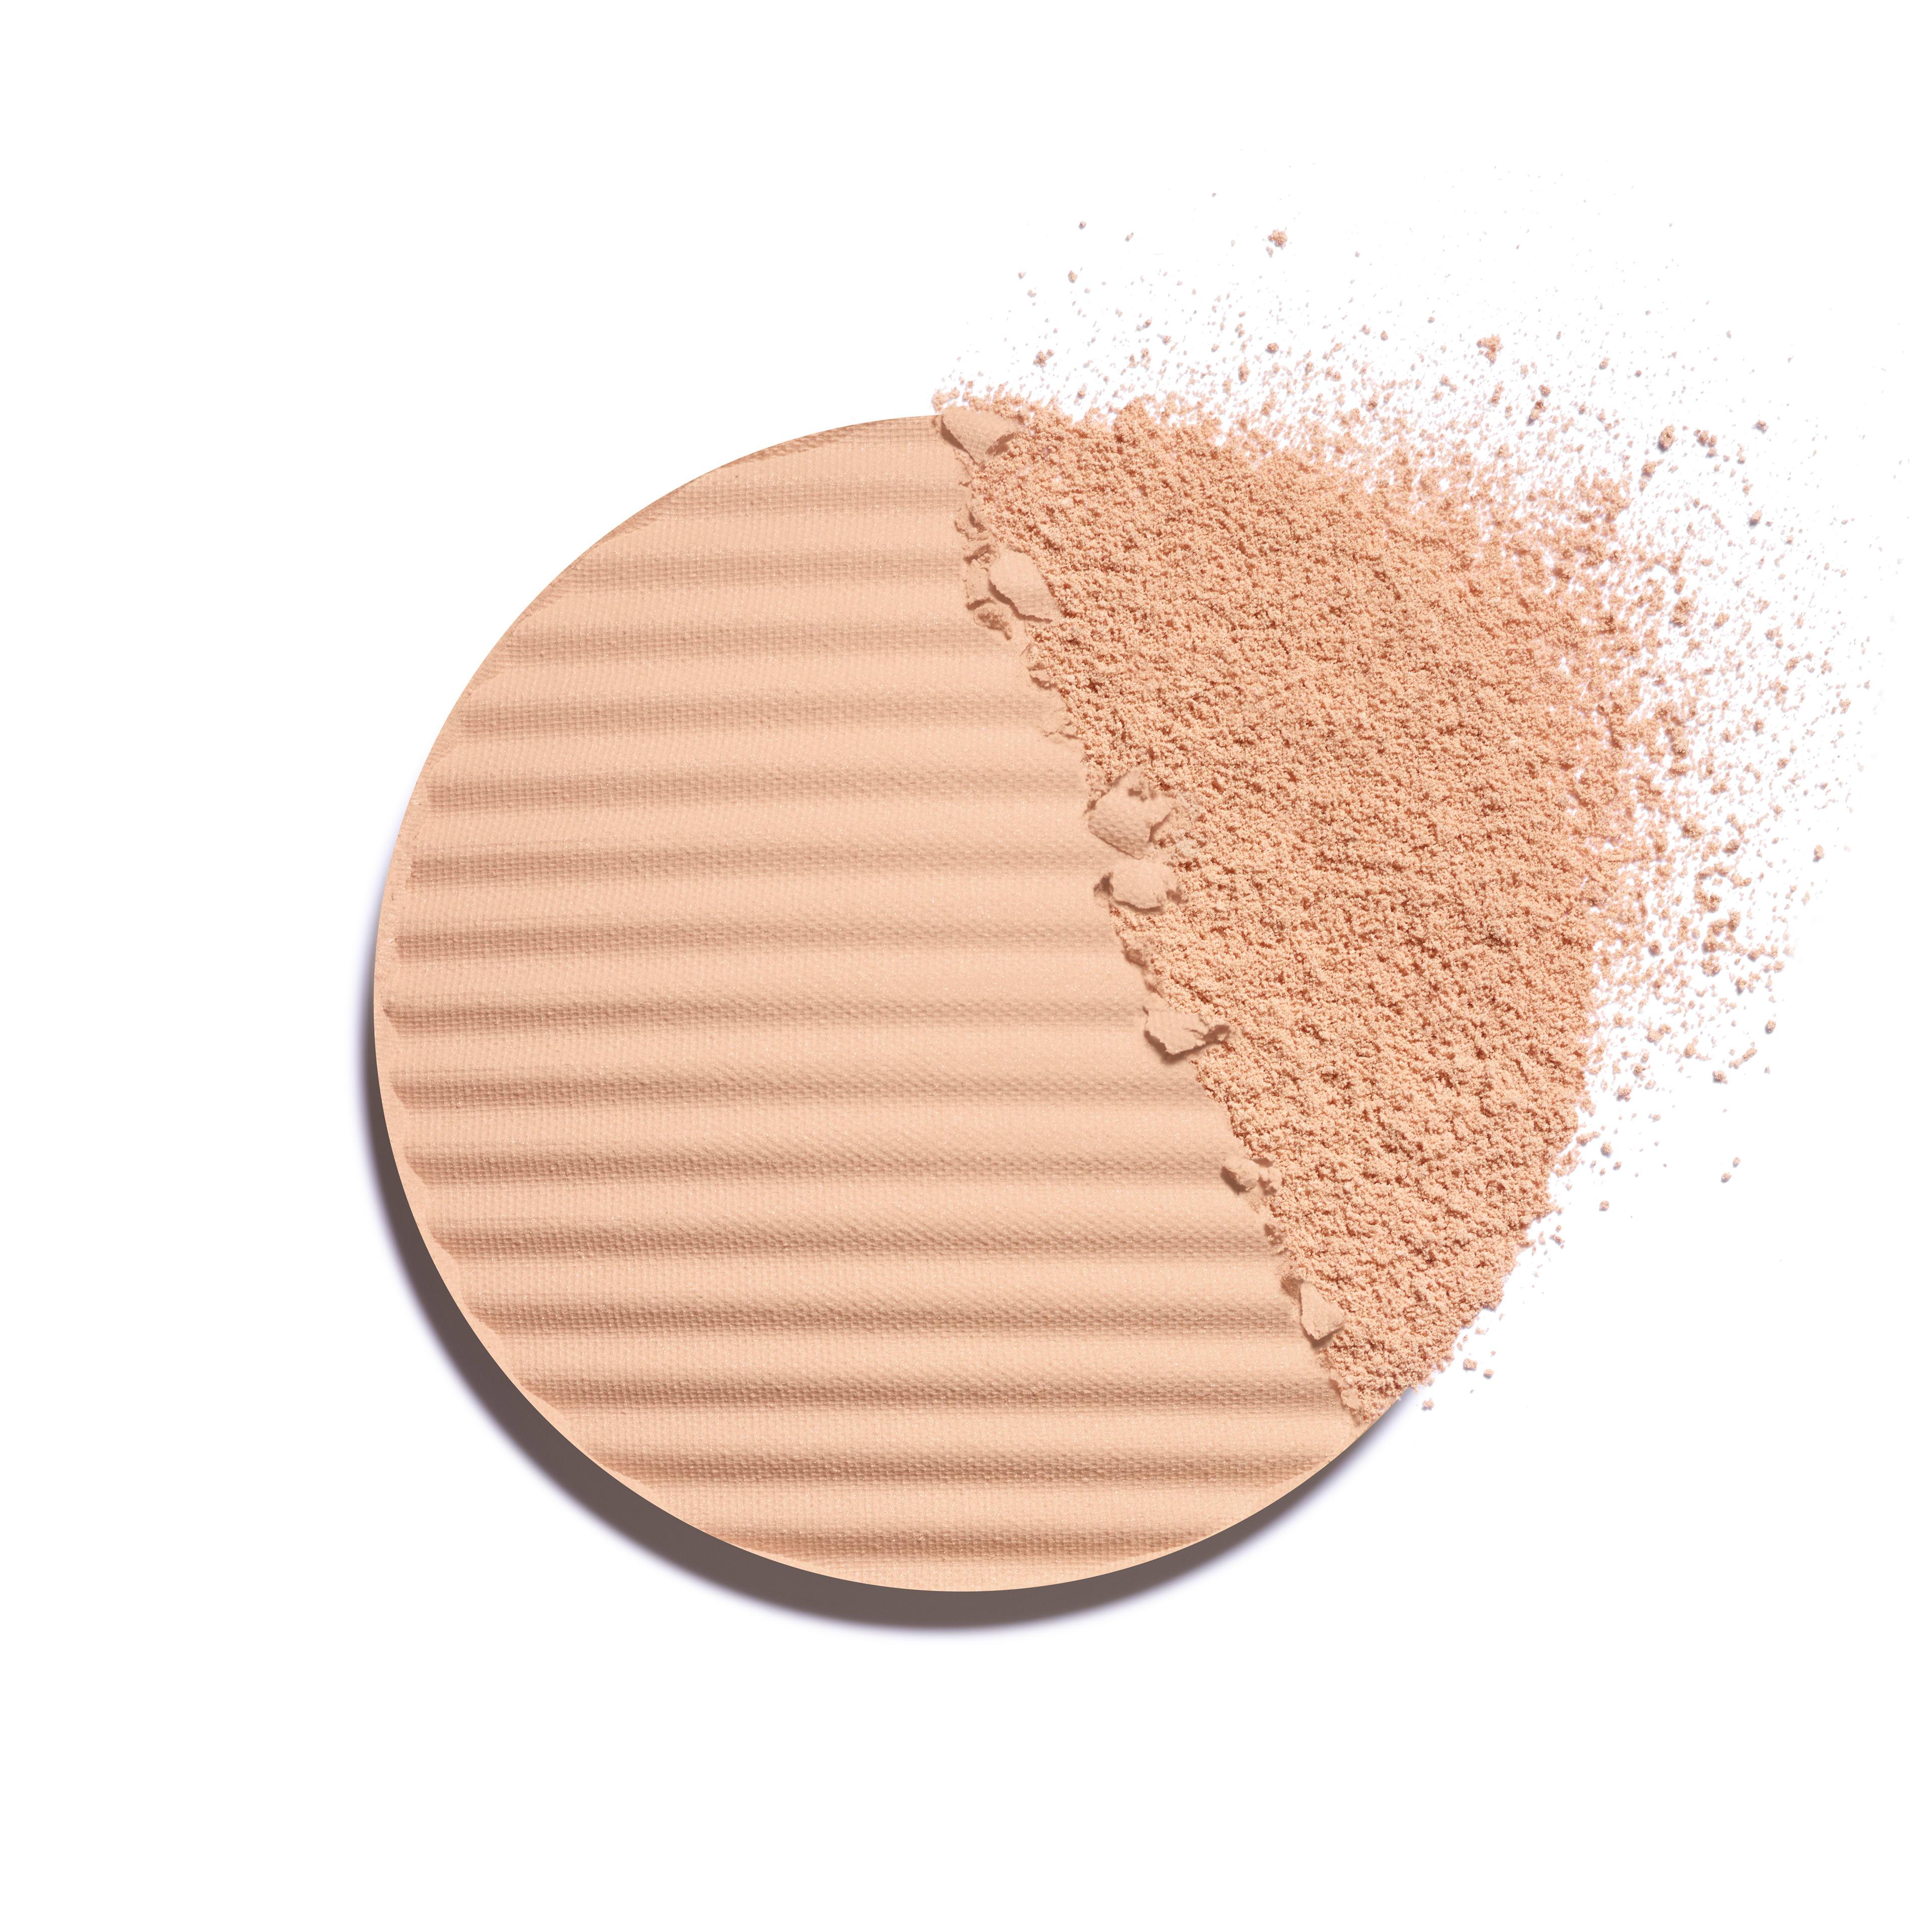 LES BEIGES - makeup - 12g - Basic texture view